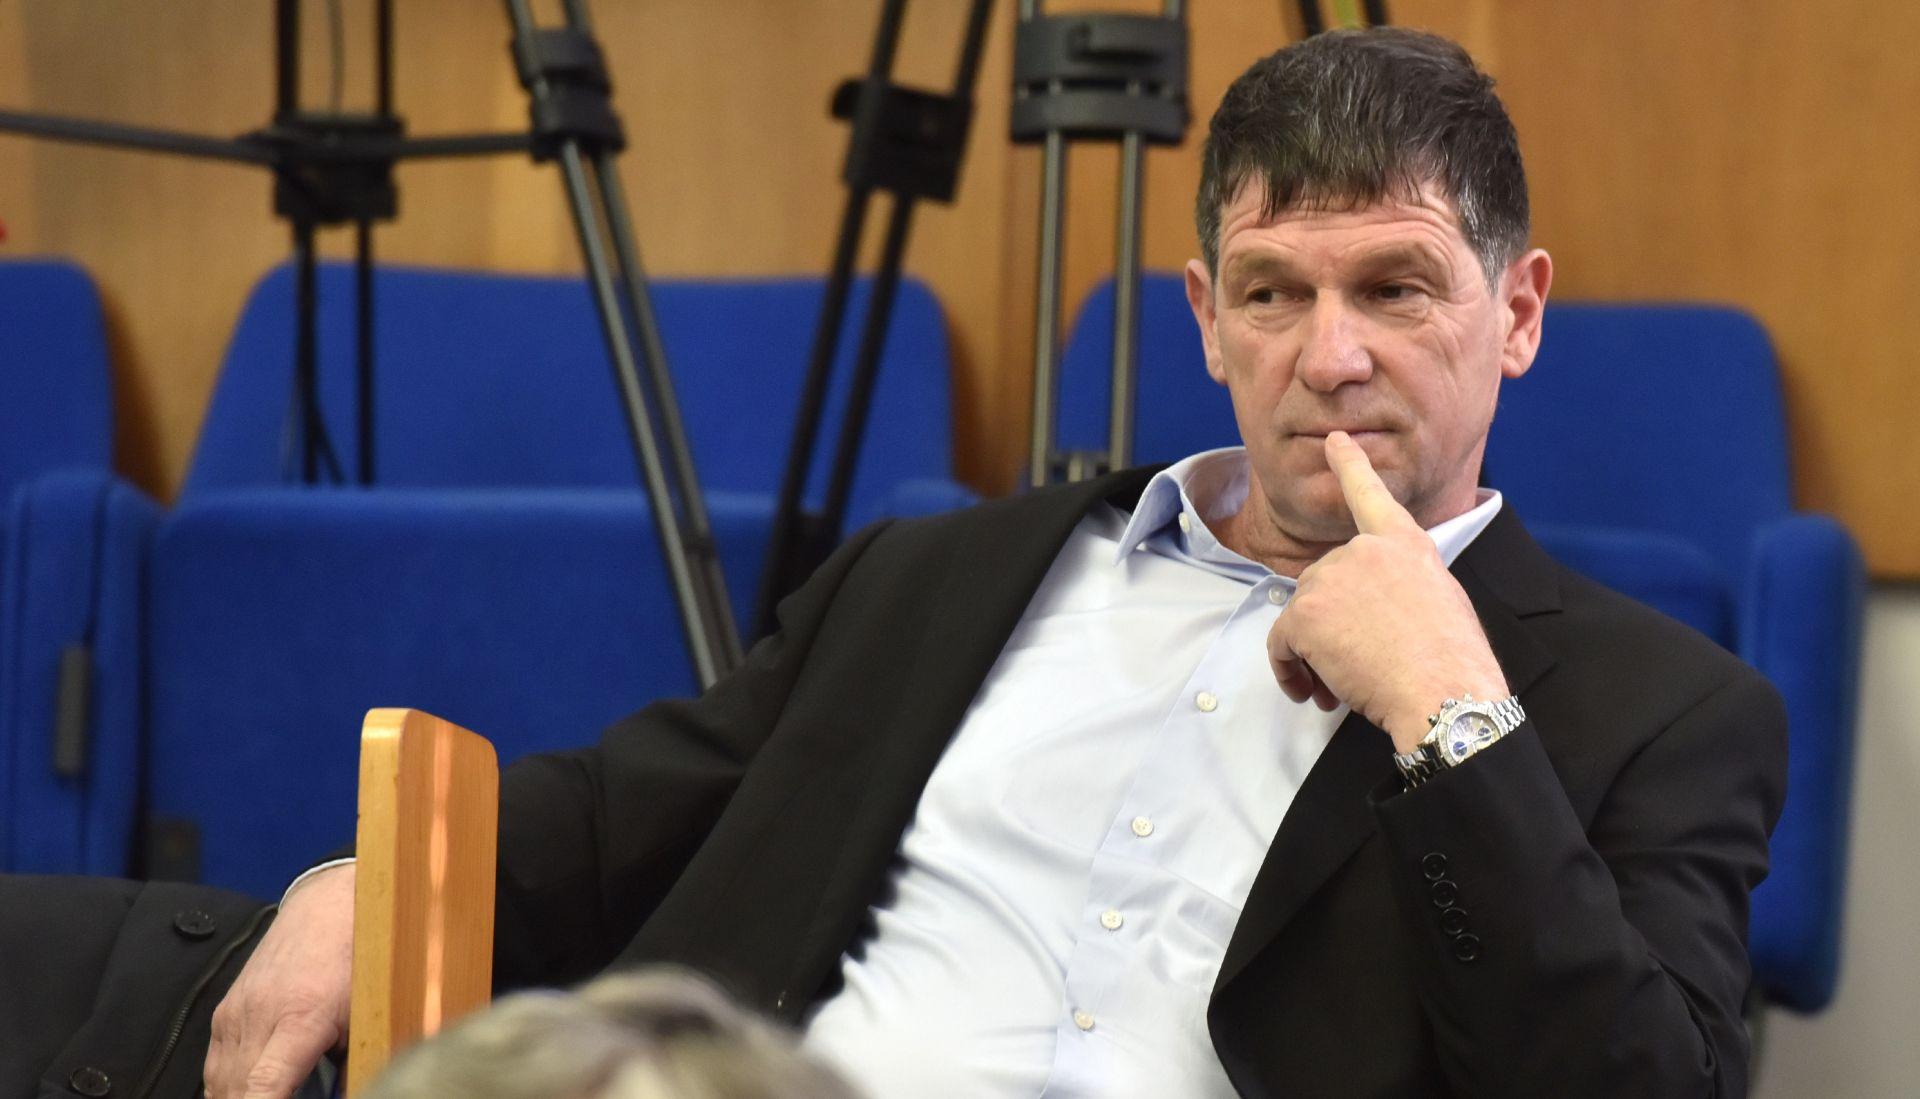 PODIGNUTA OPTUŽNICA: Reno Sinovčić i još sedam osoba oštetili državu za milijune